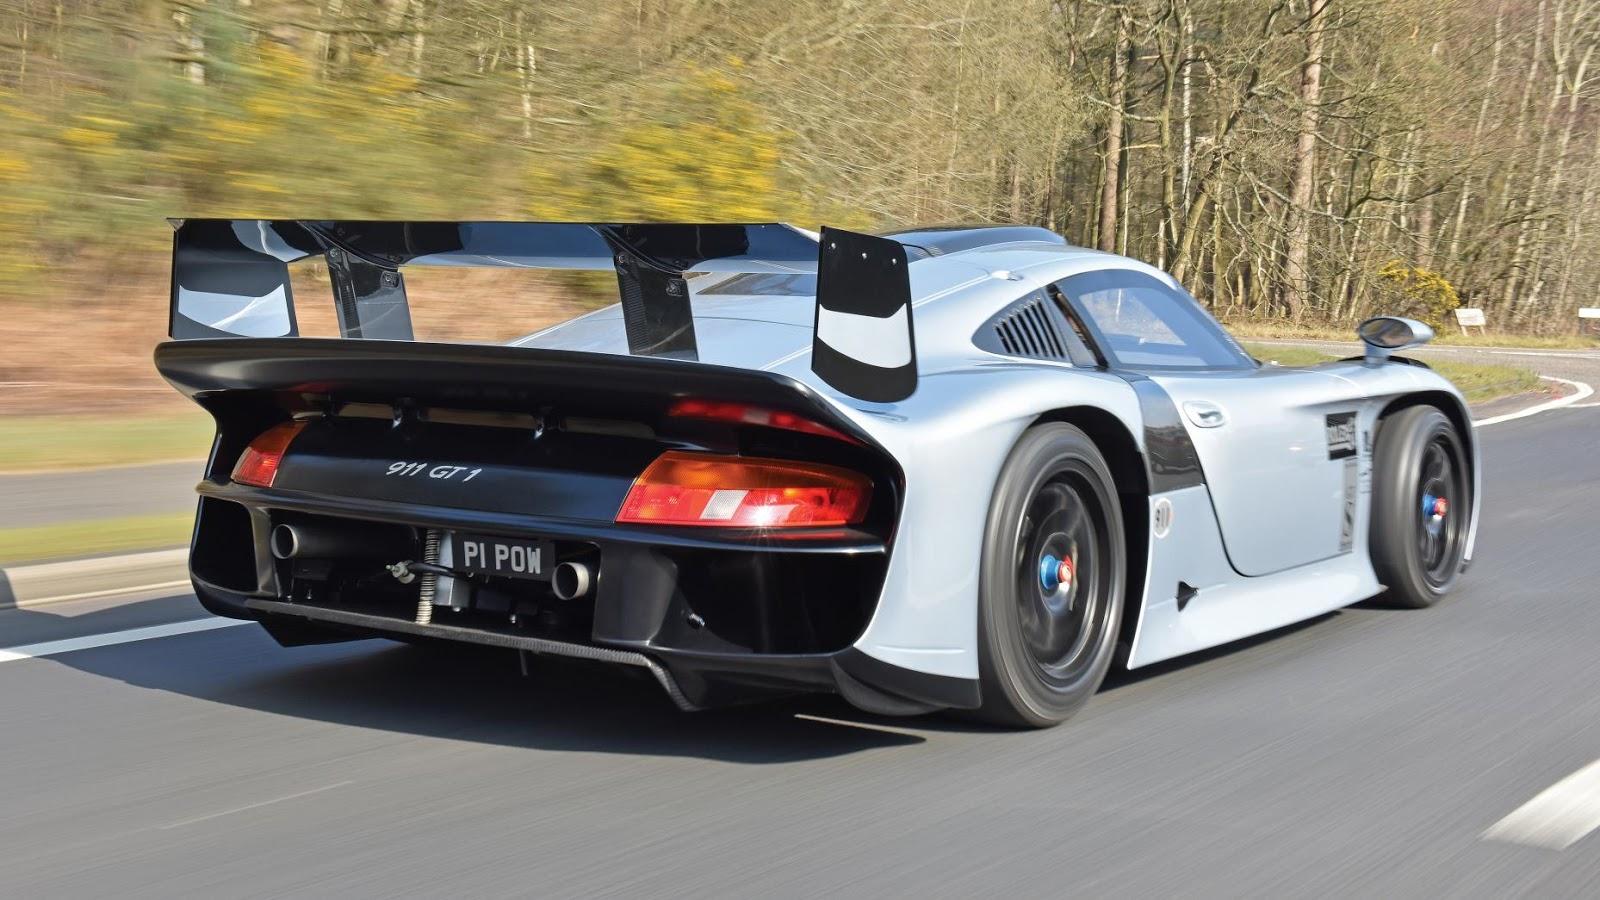 1997 Porsche 911 GT1 Evolution - £ 2.2m